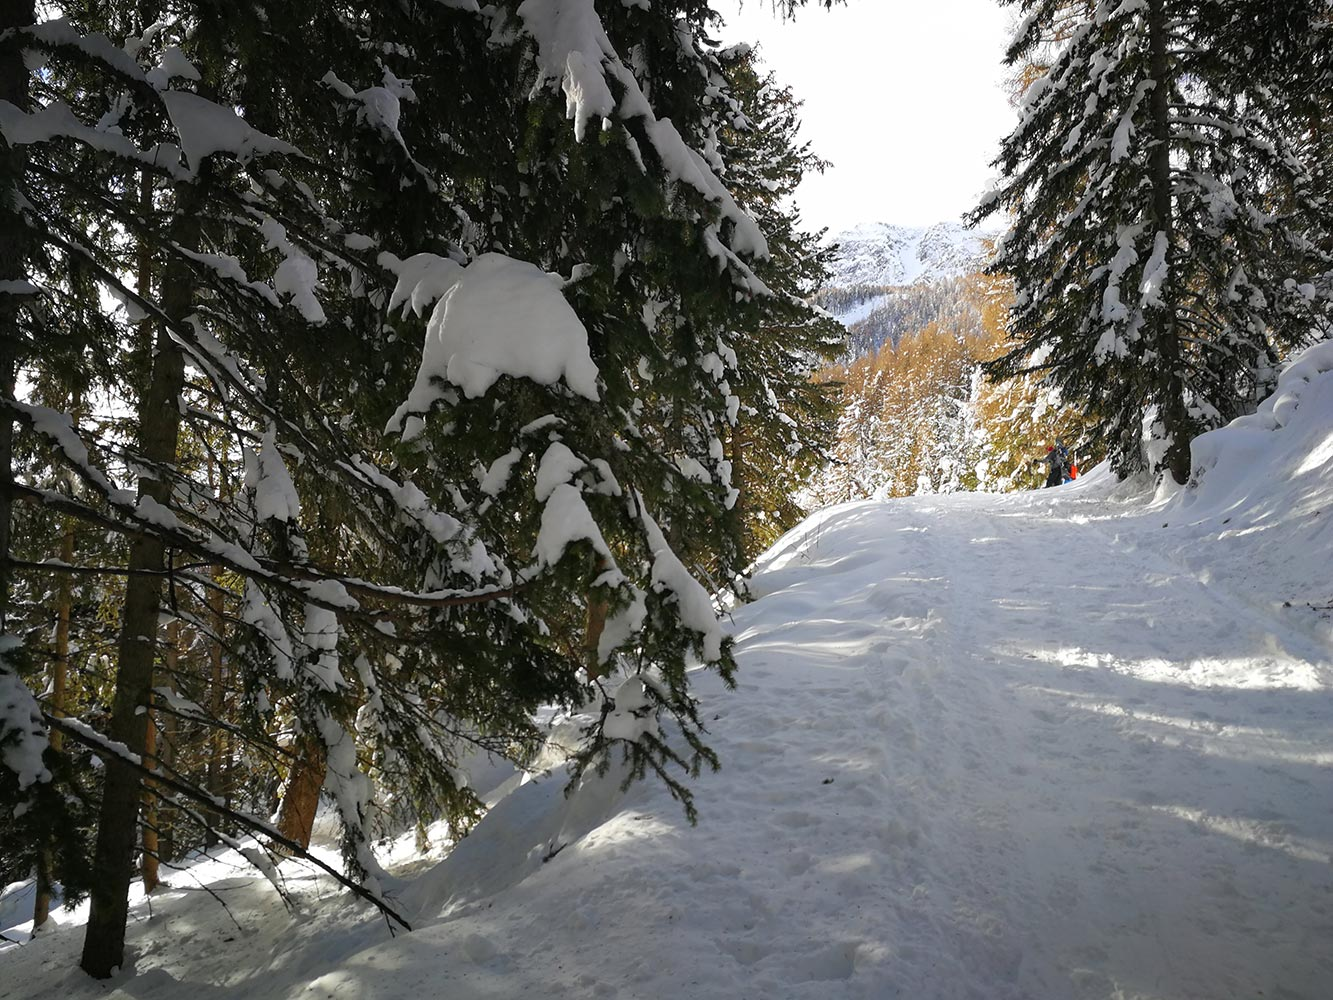 monte masucco escursion splitboard